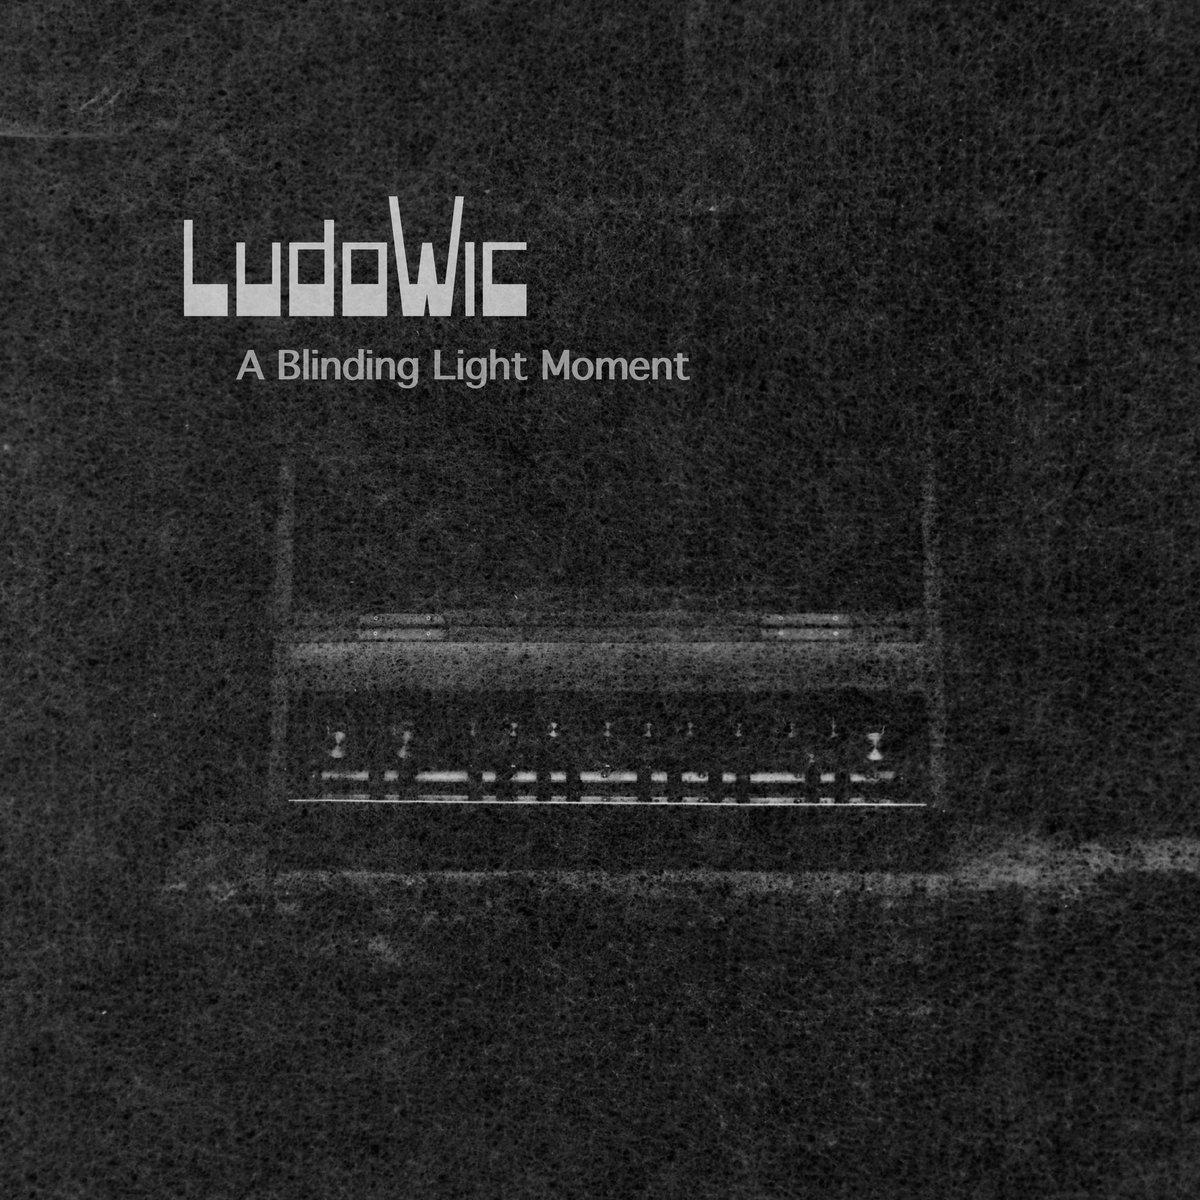 ludowic blinding 2015.jpg